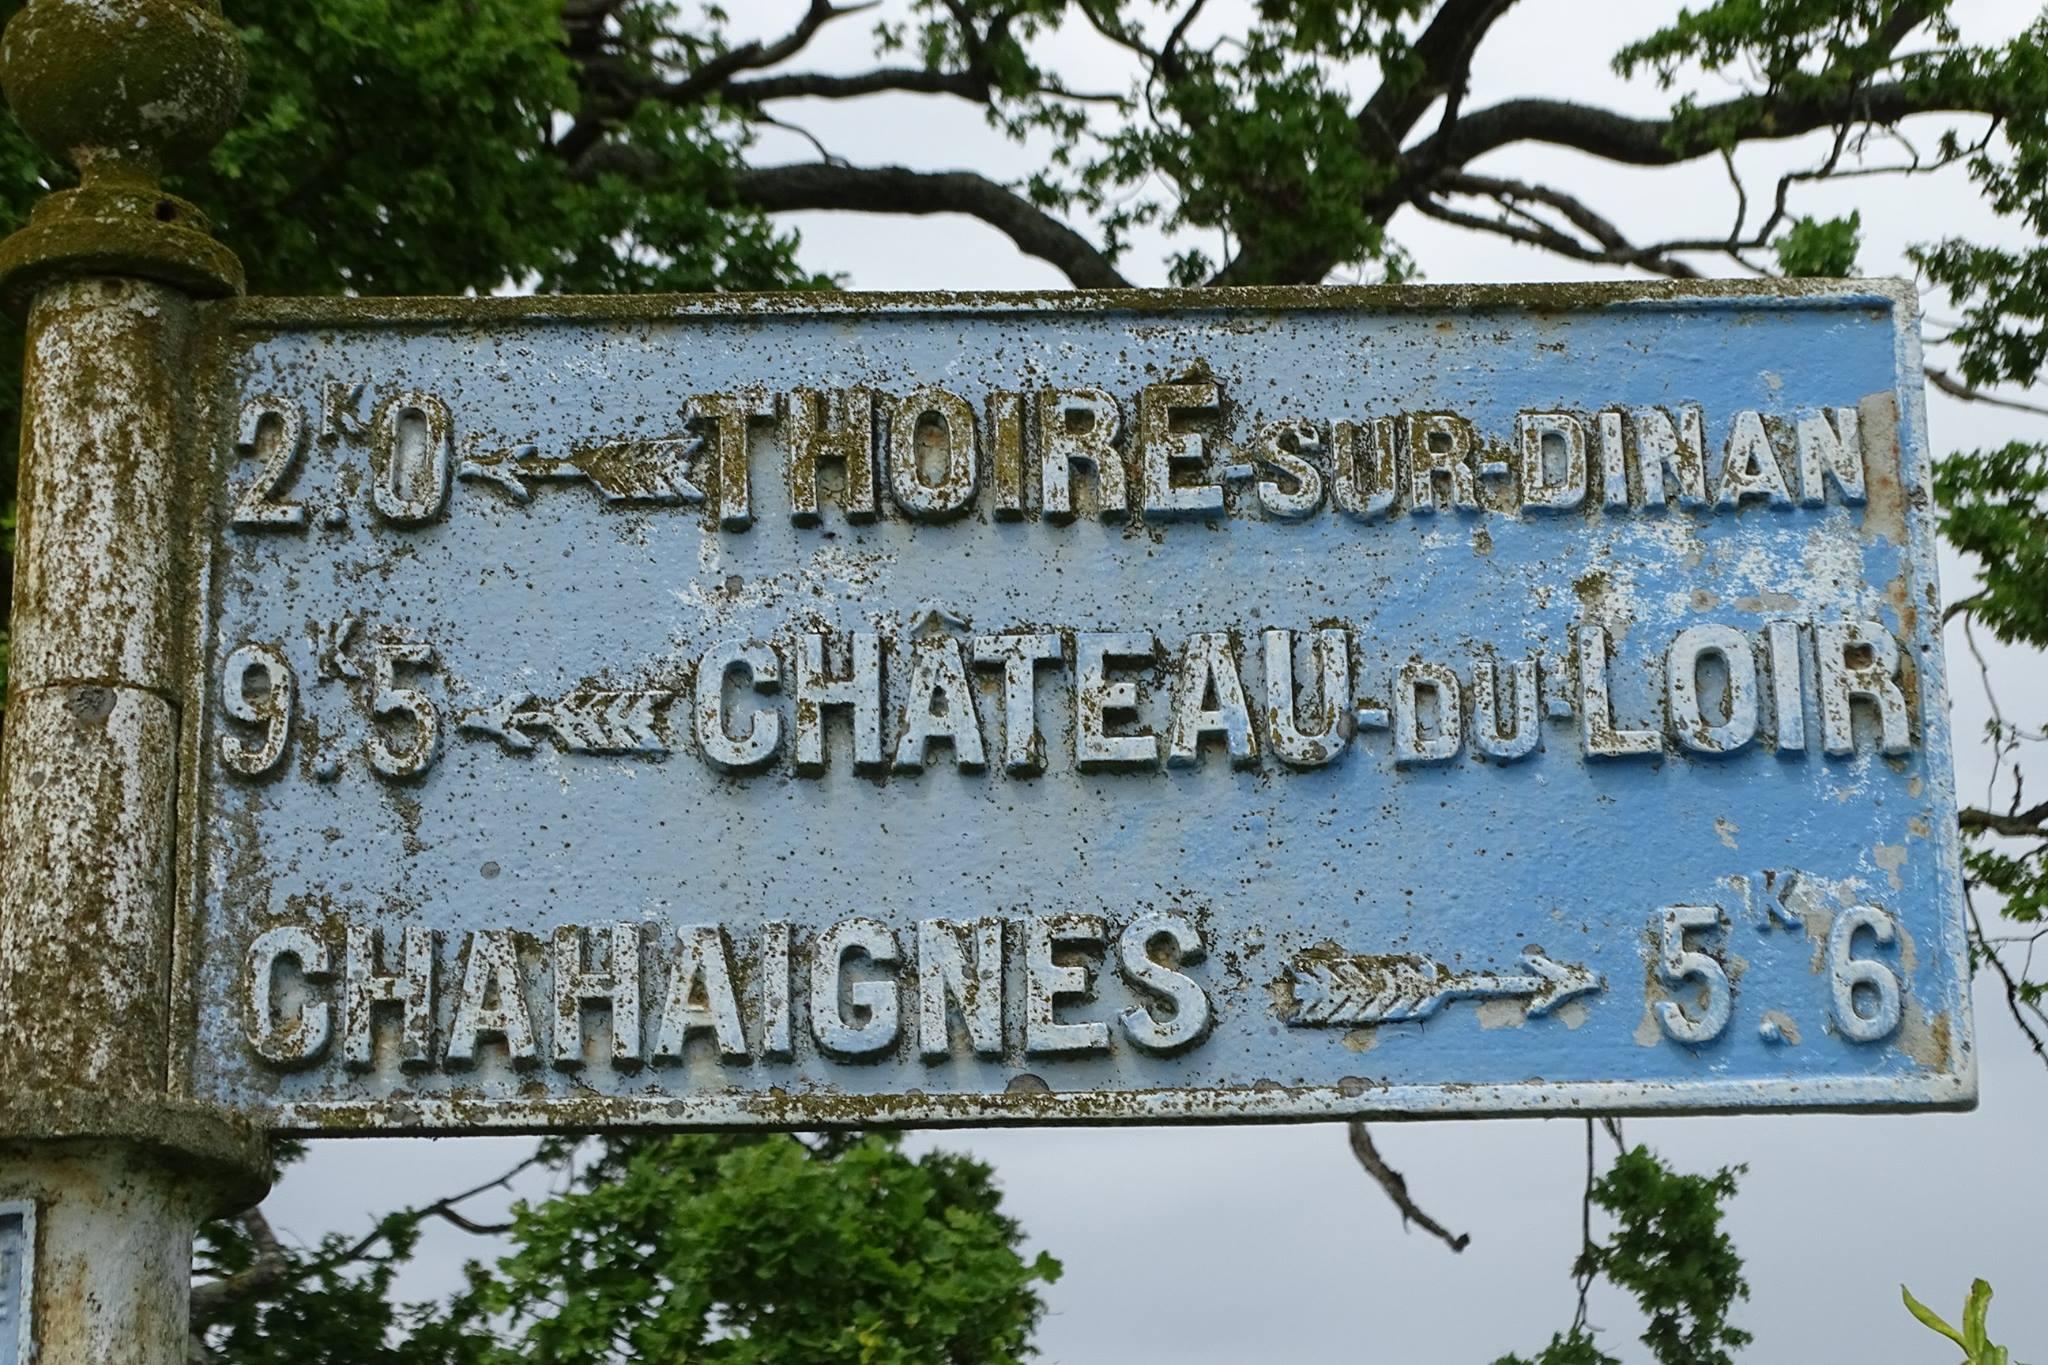 Thoiré sur Dinan, au croisement entre Le Paty et Vaux Thierry - Plaque de cocher - Thoiré sur Dinan - Château du Loir - Chahaignes (Marie-Yvonne Mersanne)